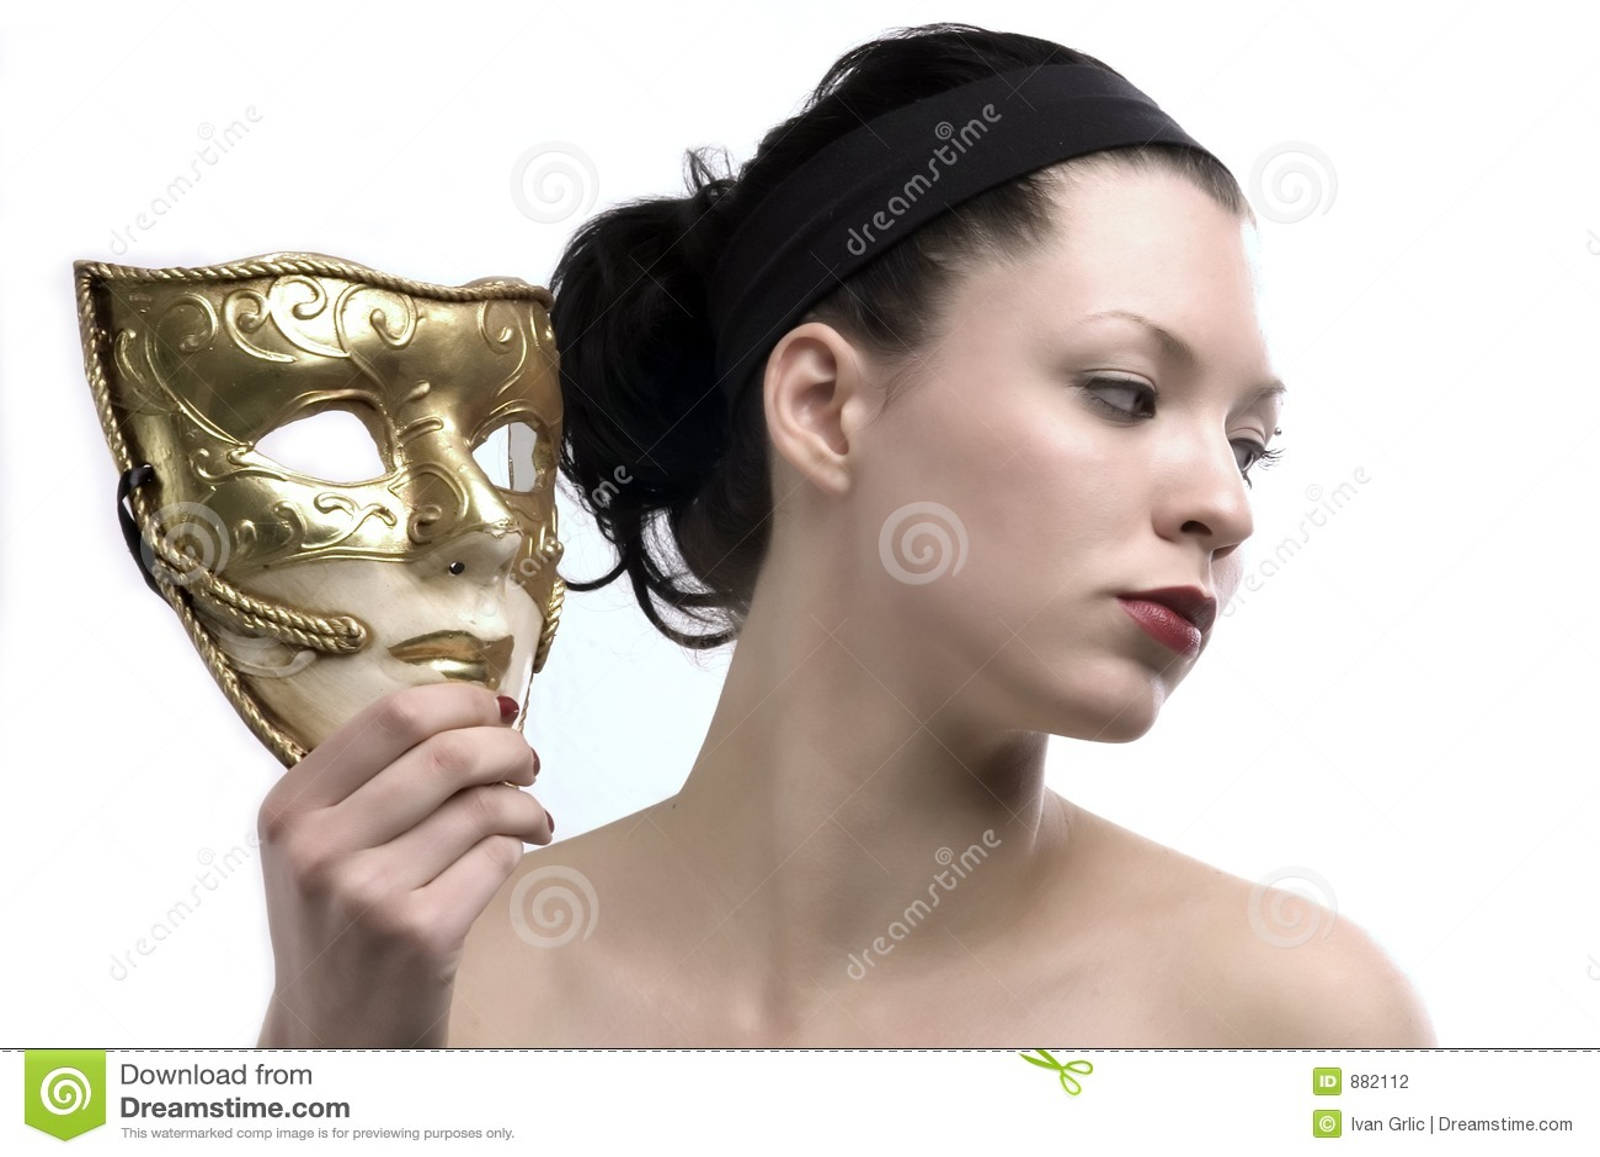 Maska profil